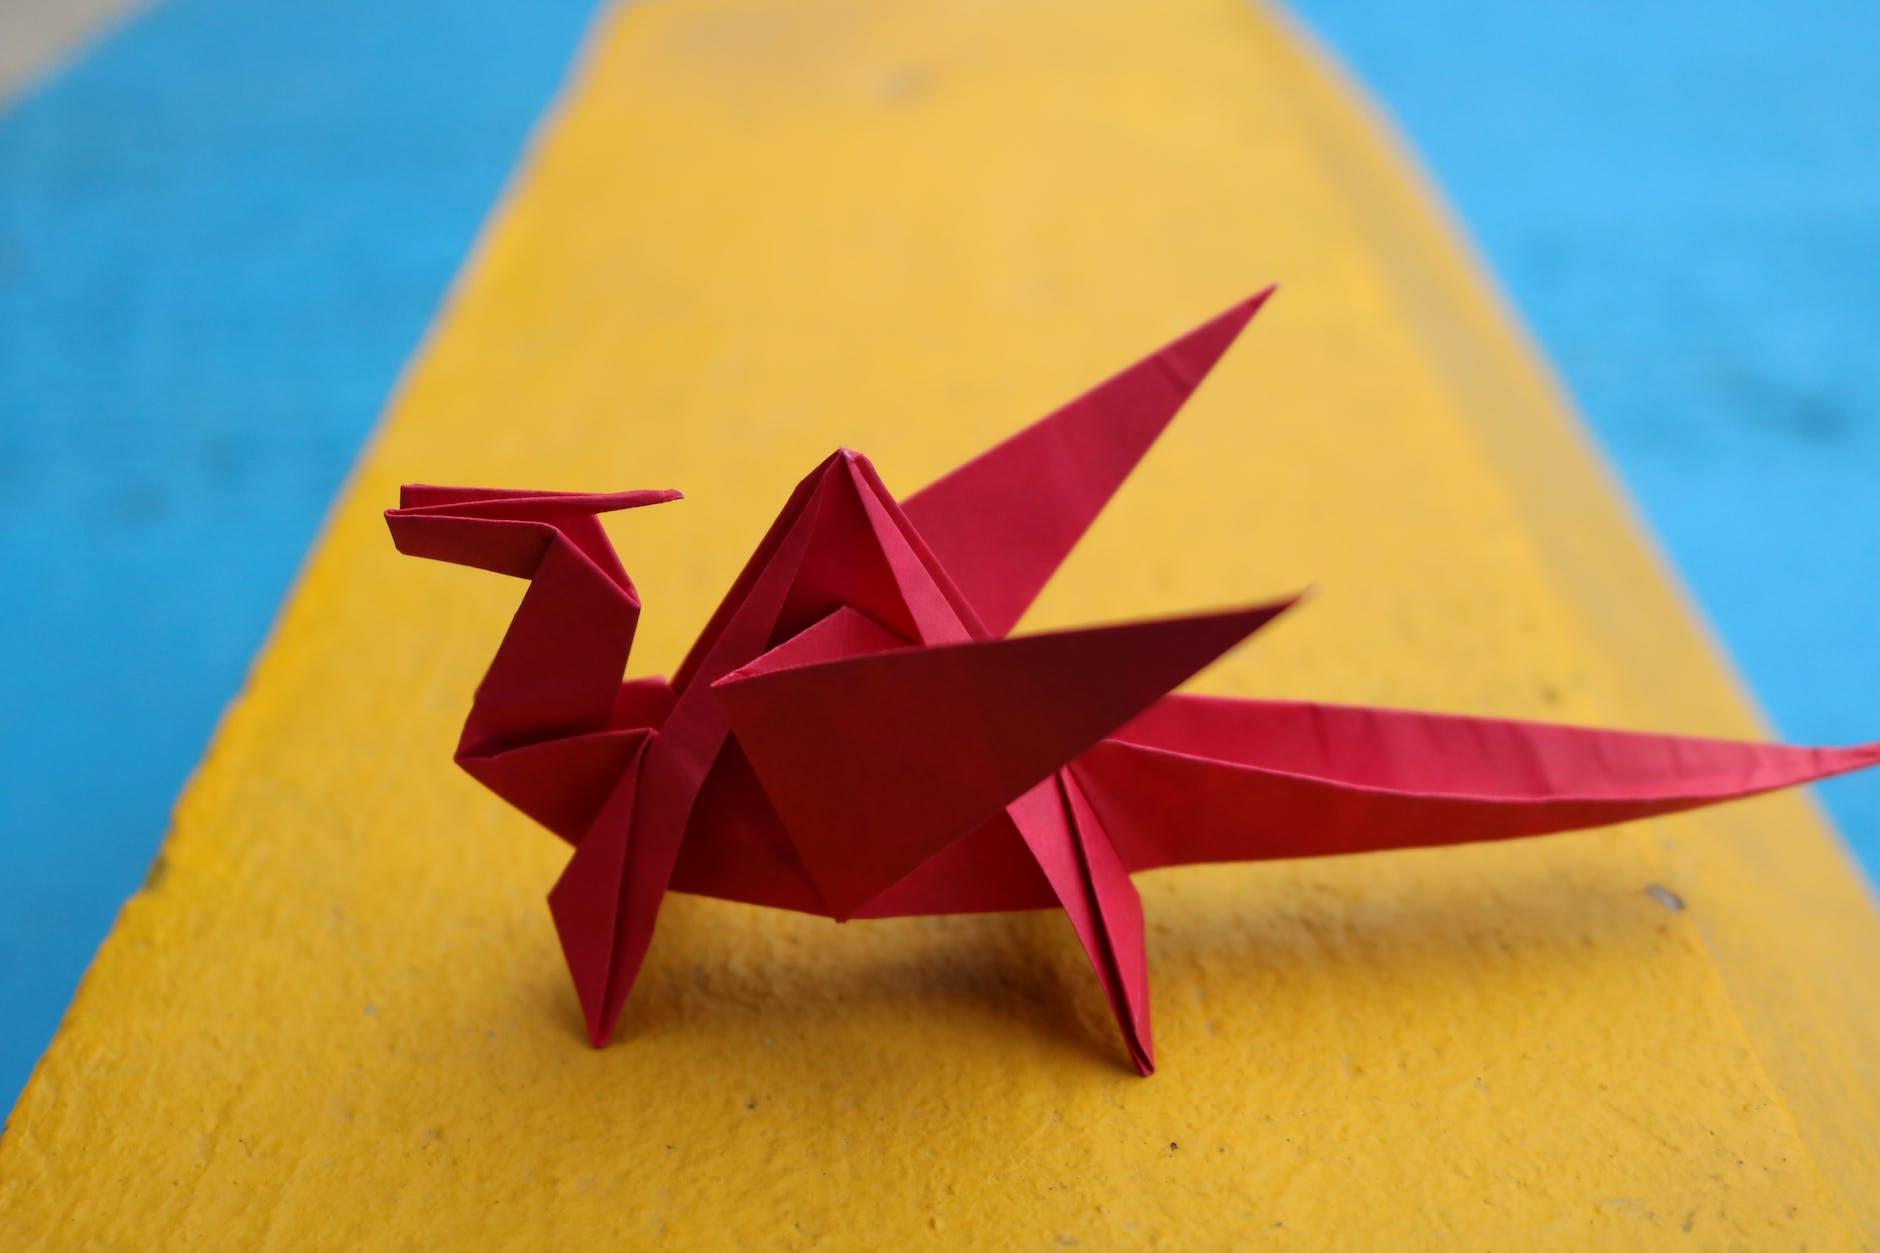 Inilah Manfaat Origami Bagi Balita 8